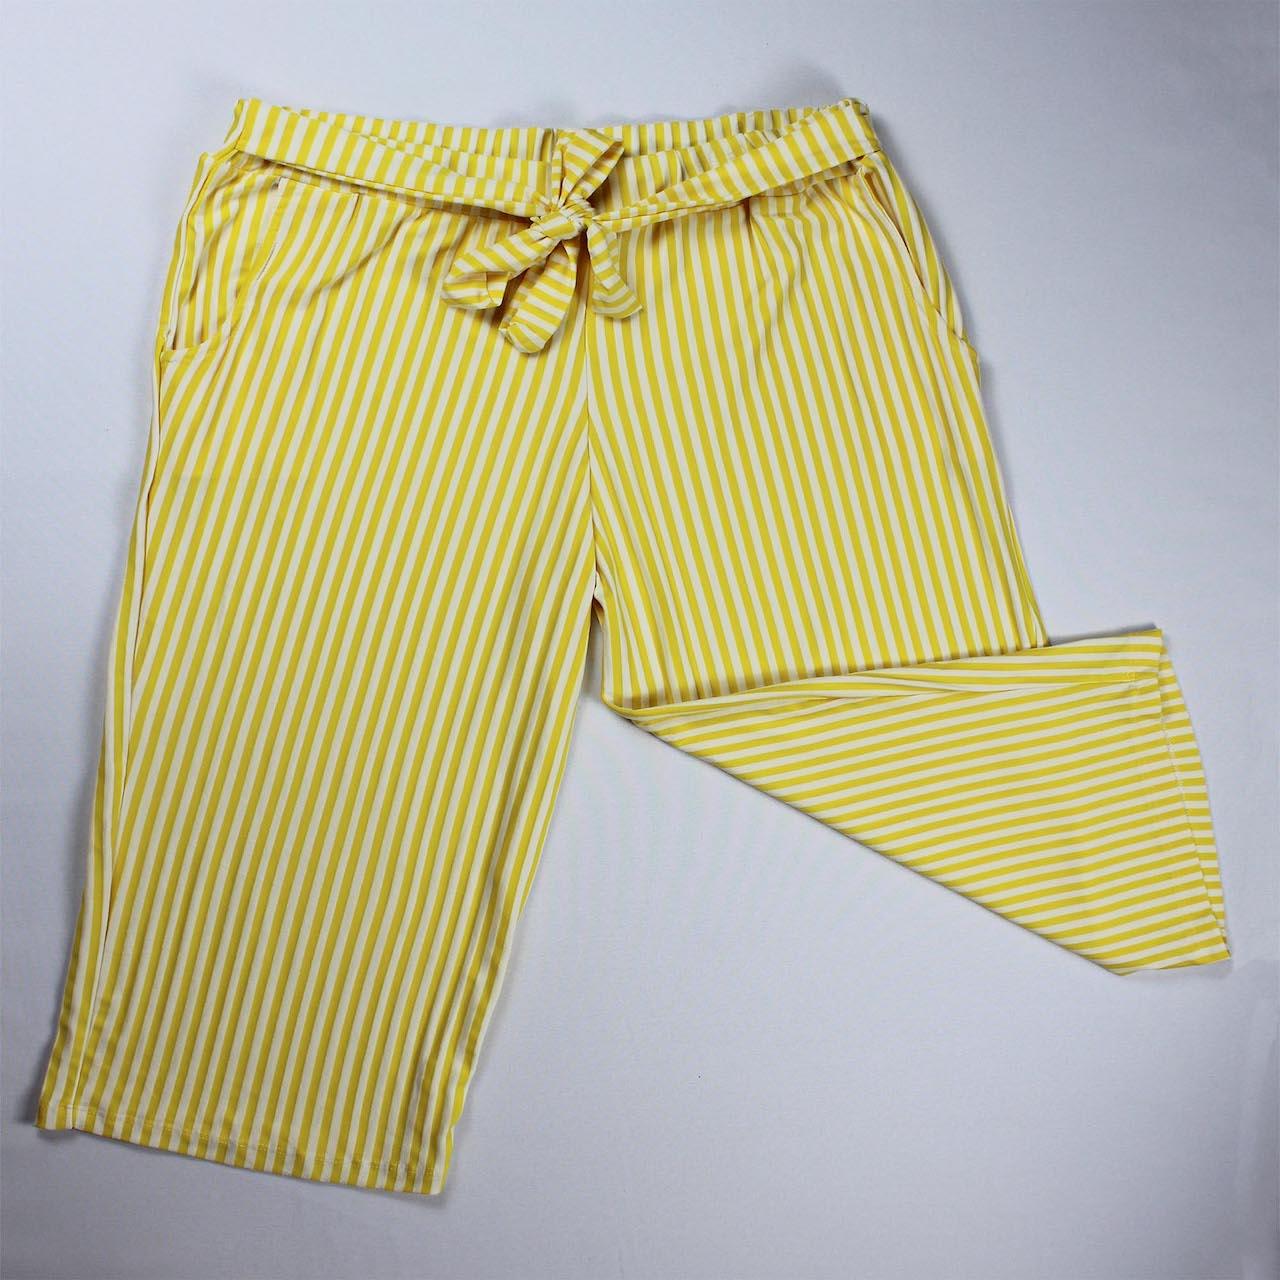 Calça Pantacourt Viscolycra Feminina - Listado Branco e Amarelo